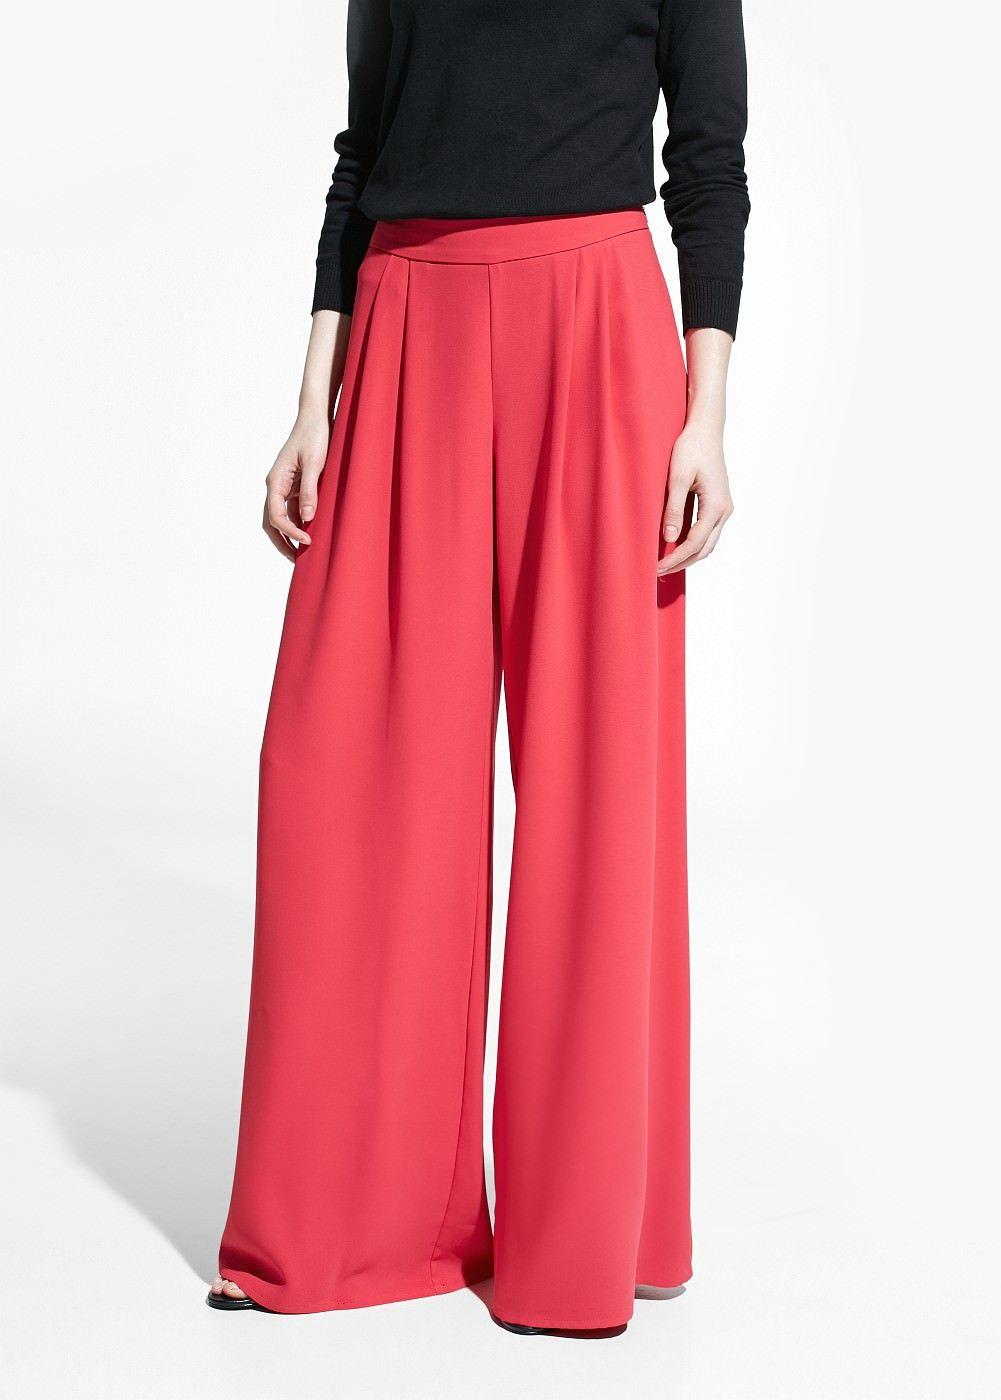 pantalon palazzo fluide femme printemps 2017 pantalons et chemise. Black Bedroom Furniture Sets. Home Design Ideas